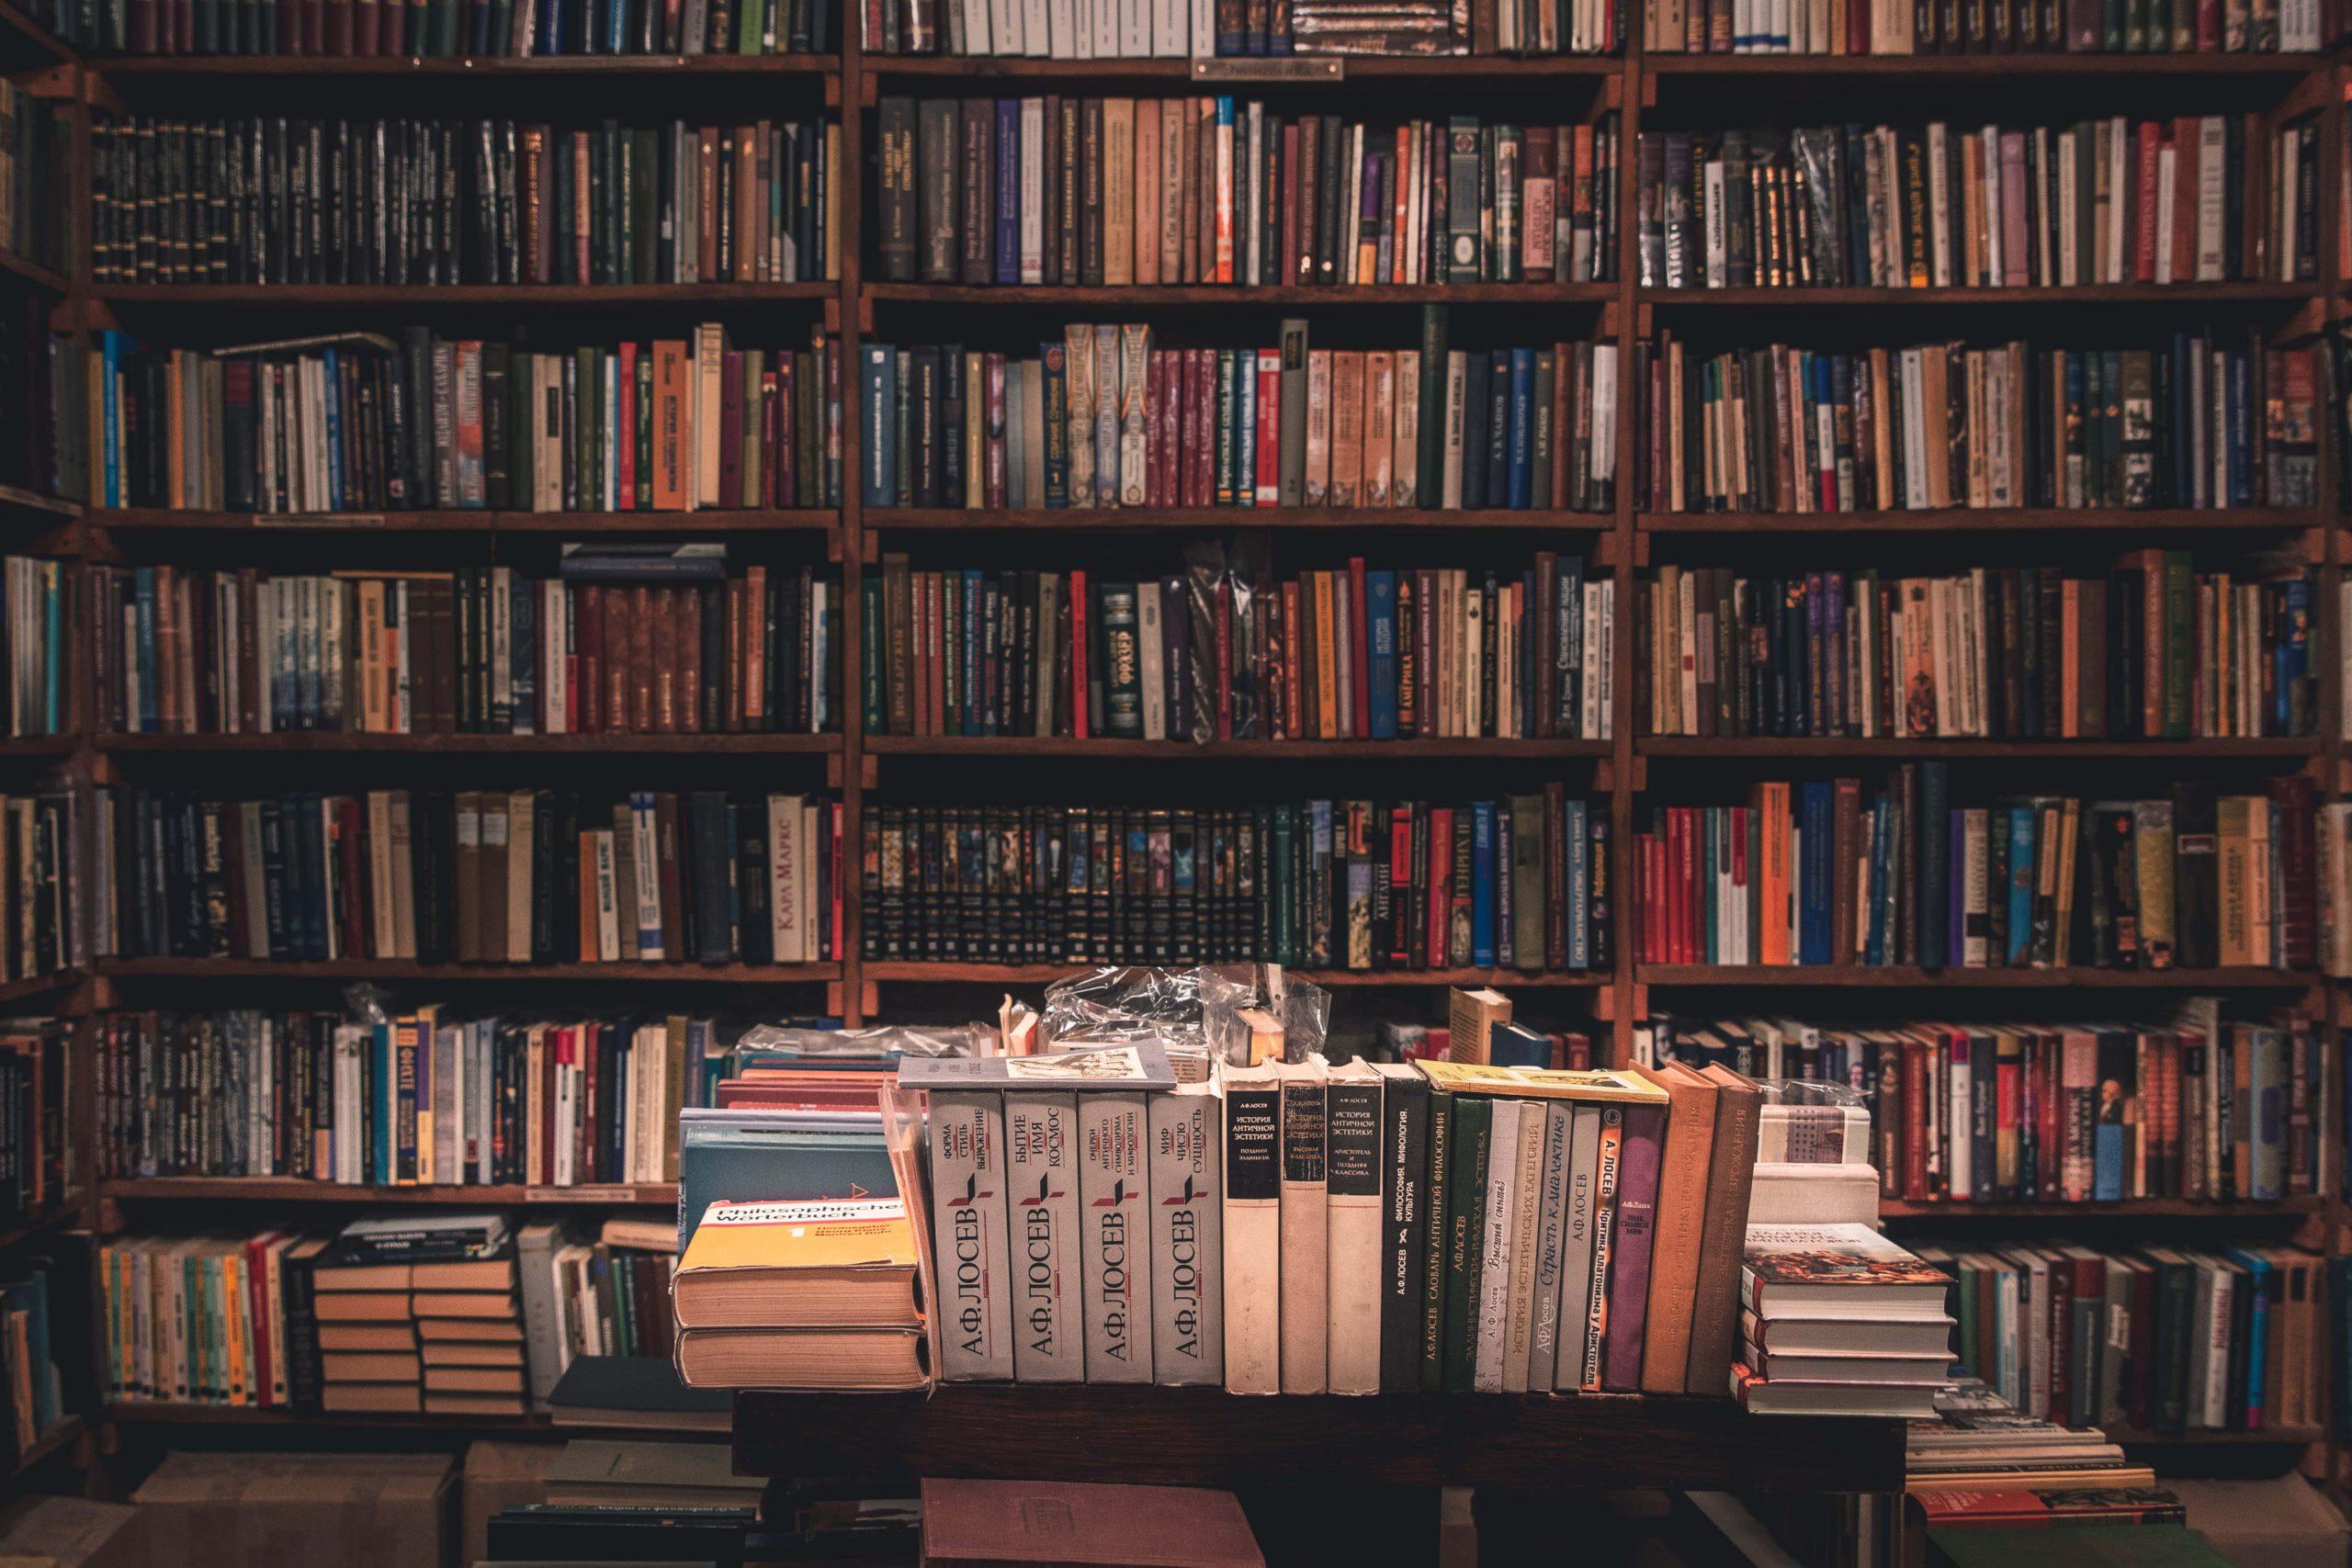 薬剤師として読んでおいた方がいい本